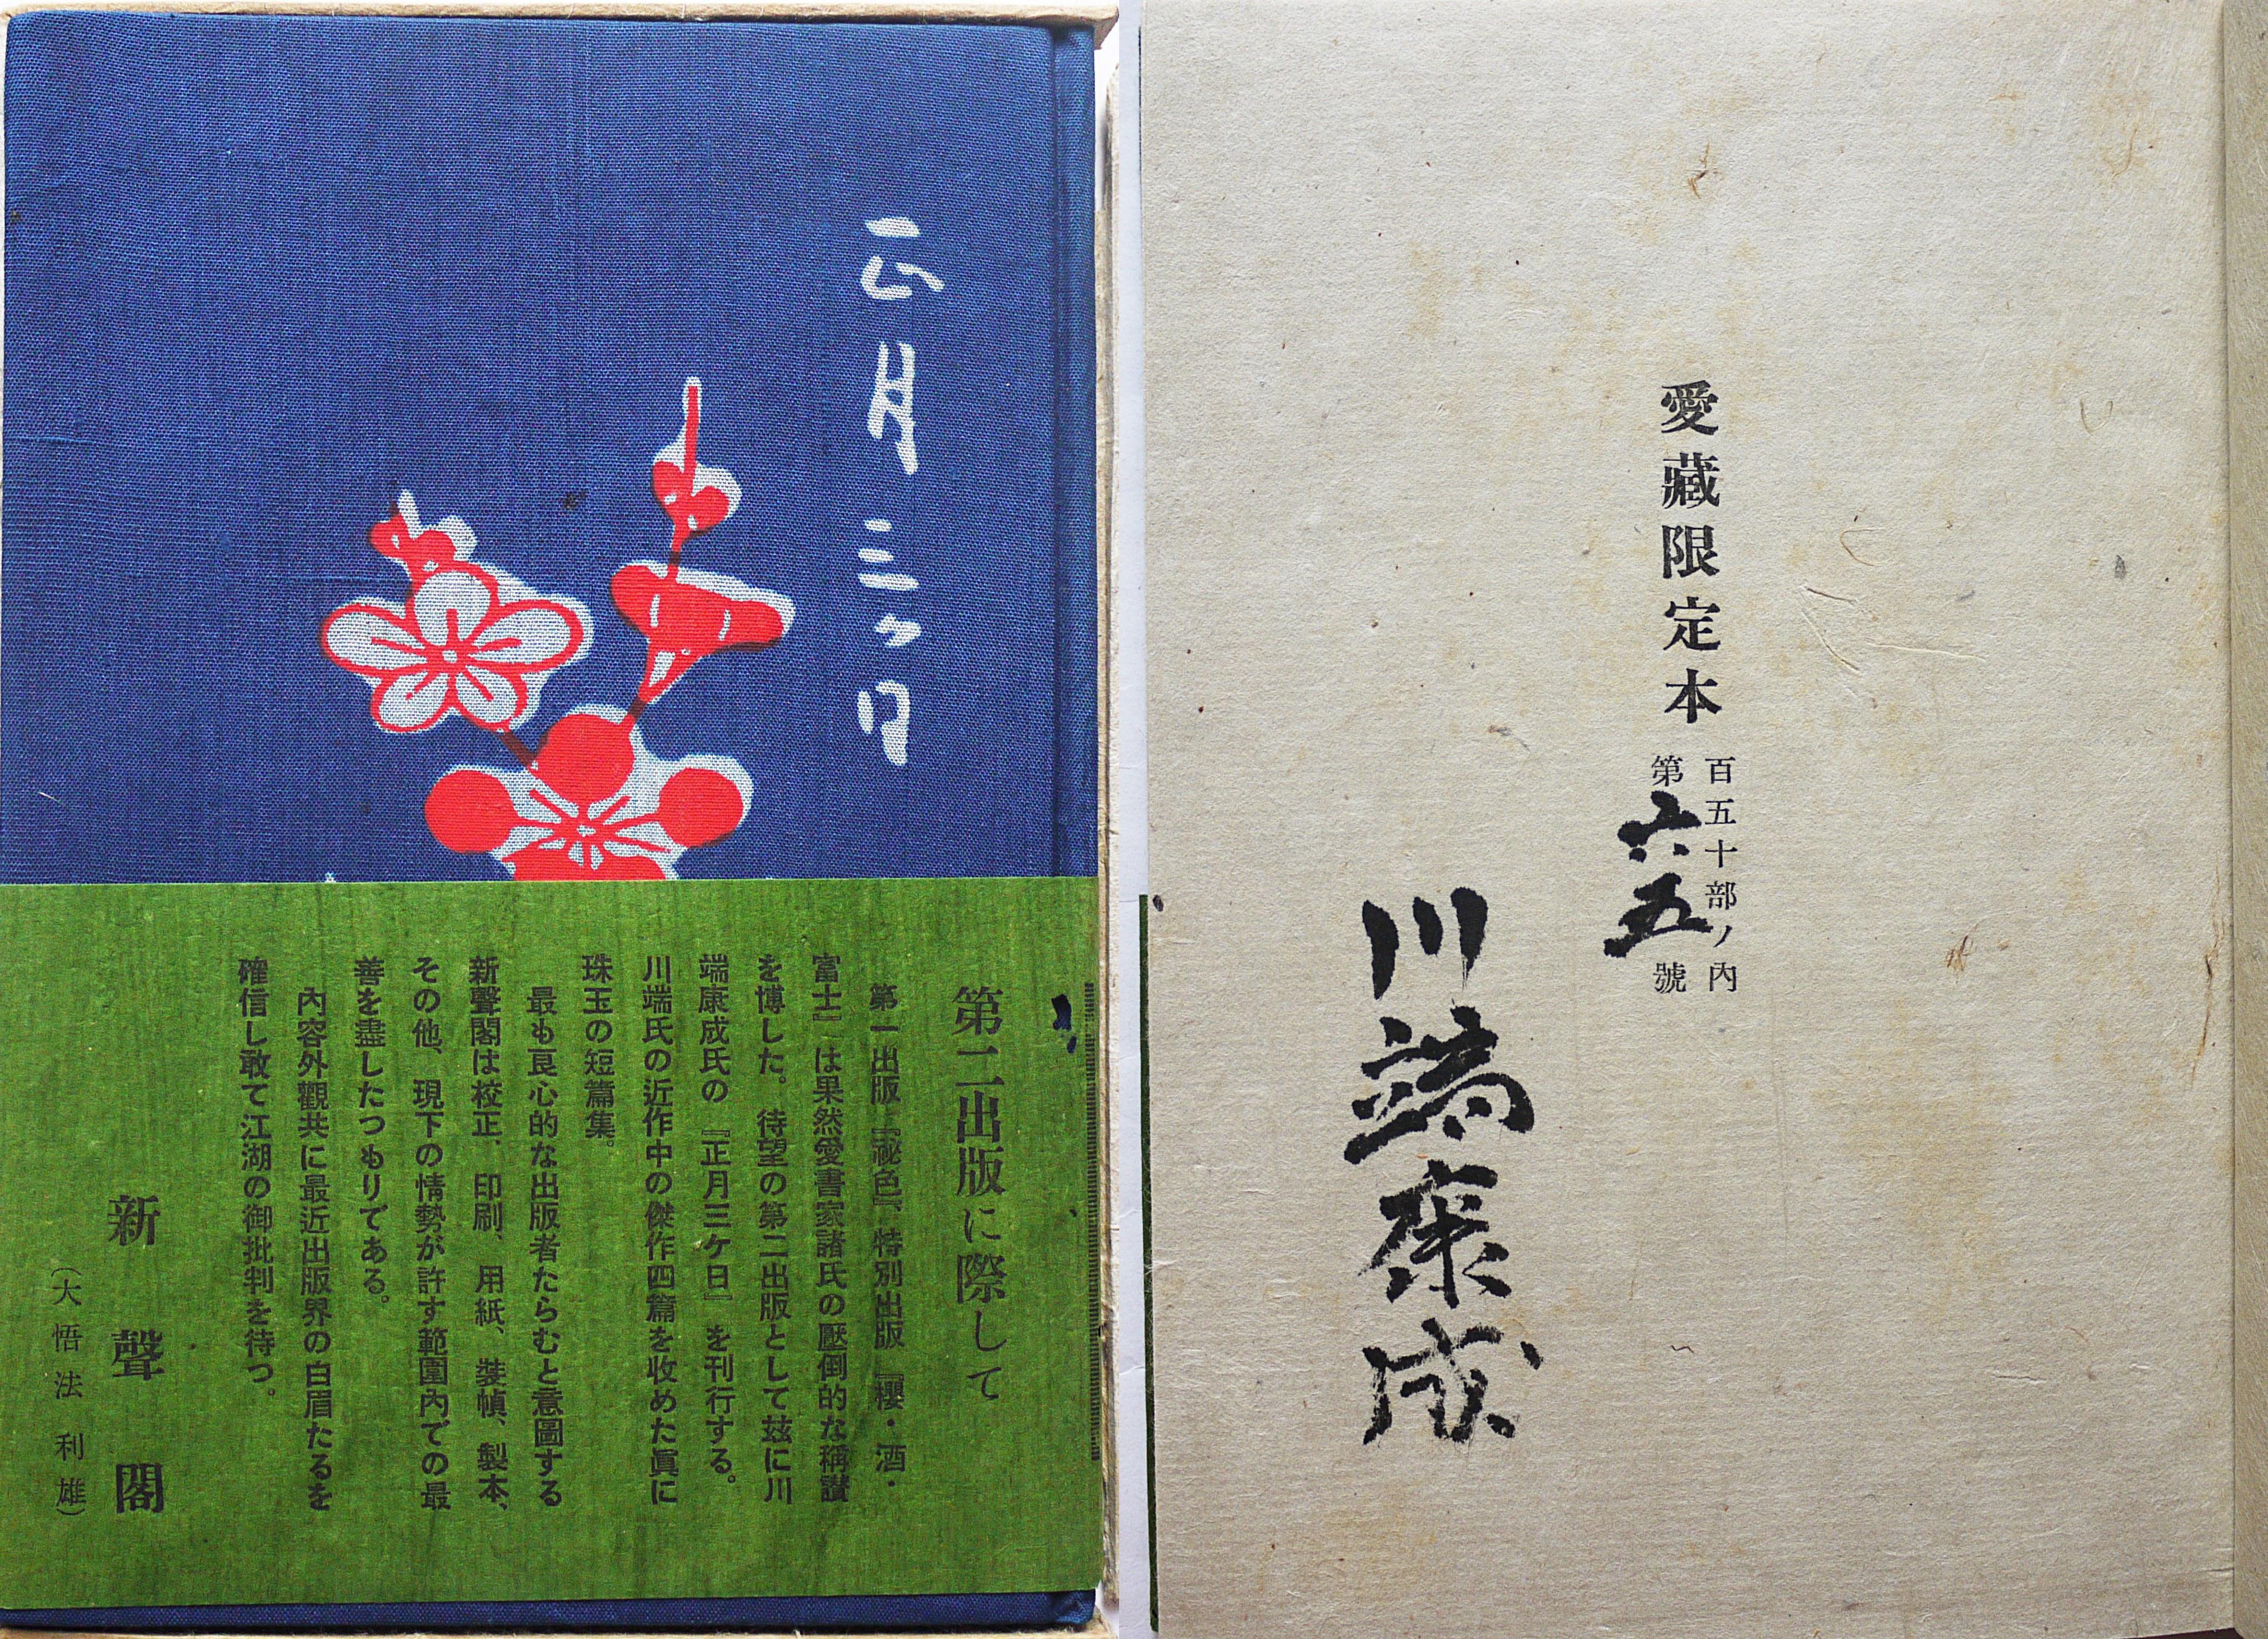 【新着】署名本・限定本 川端康成・森茉莉・中井英夫・塚本邦雄著作の買取販売